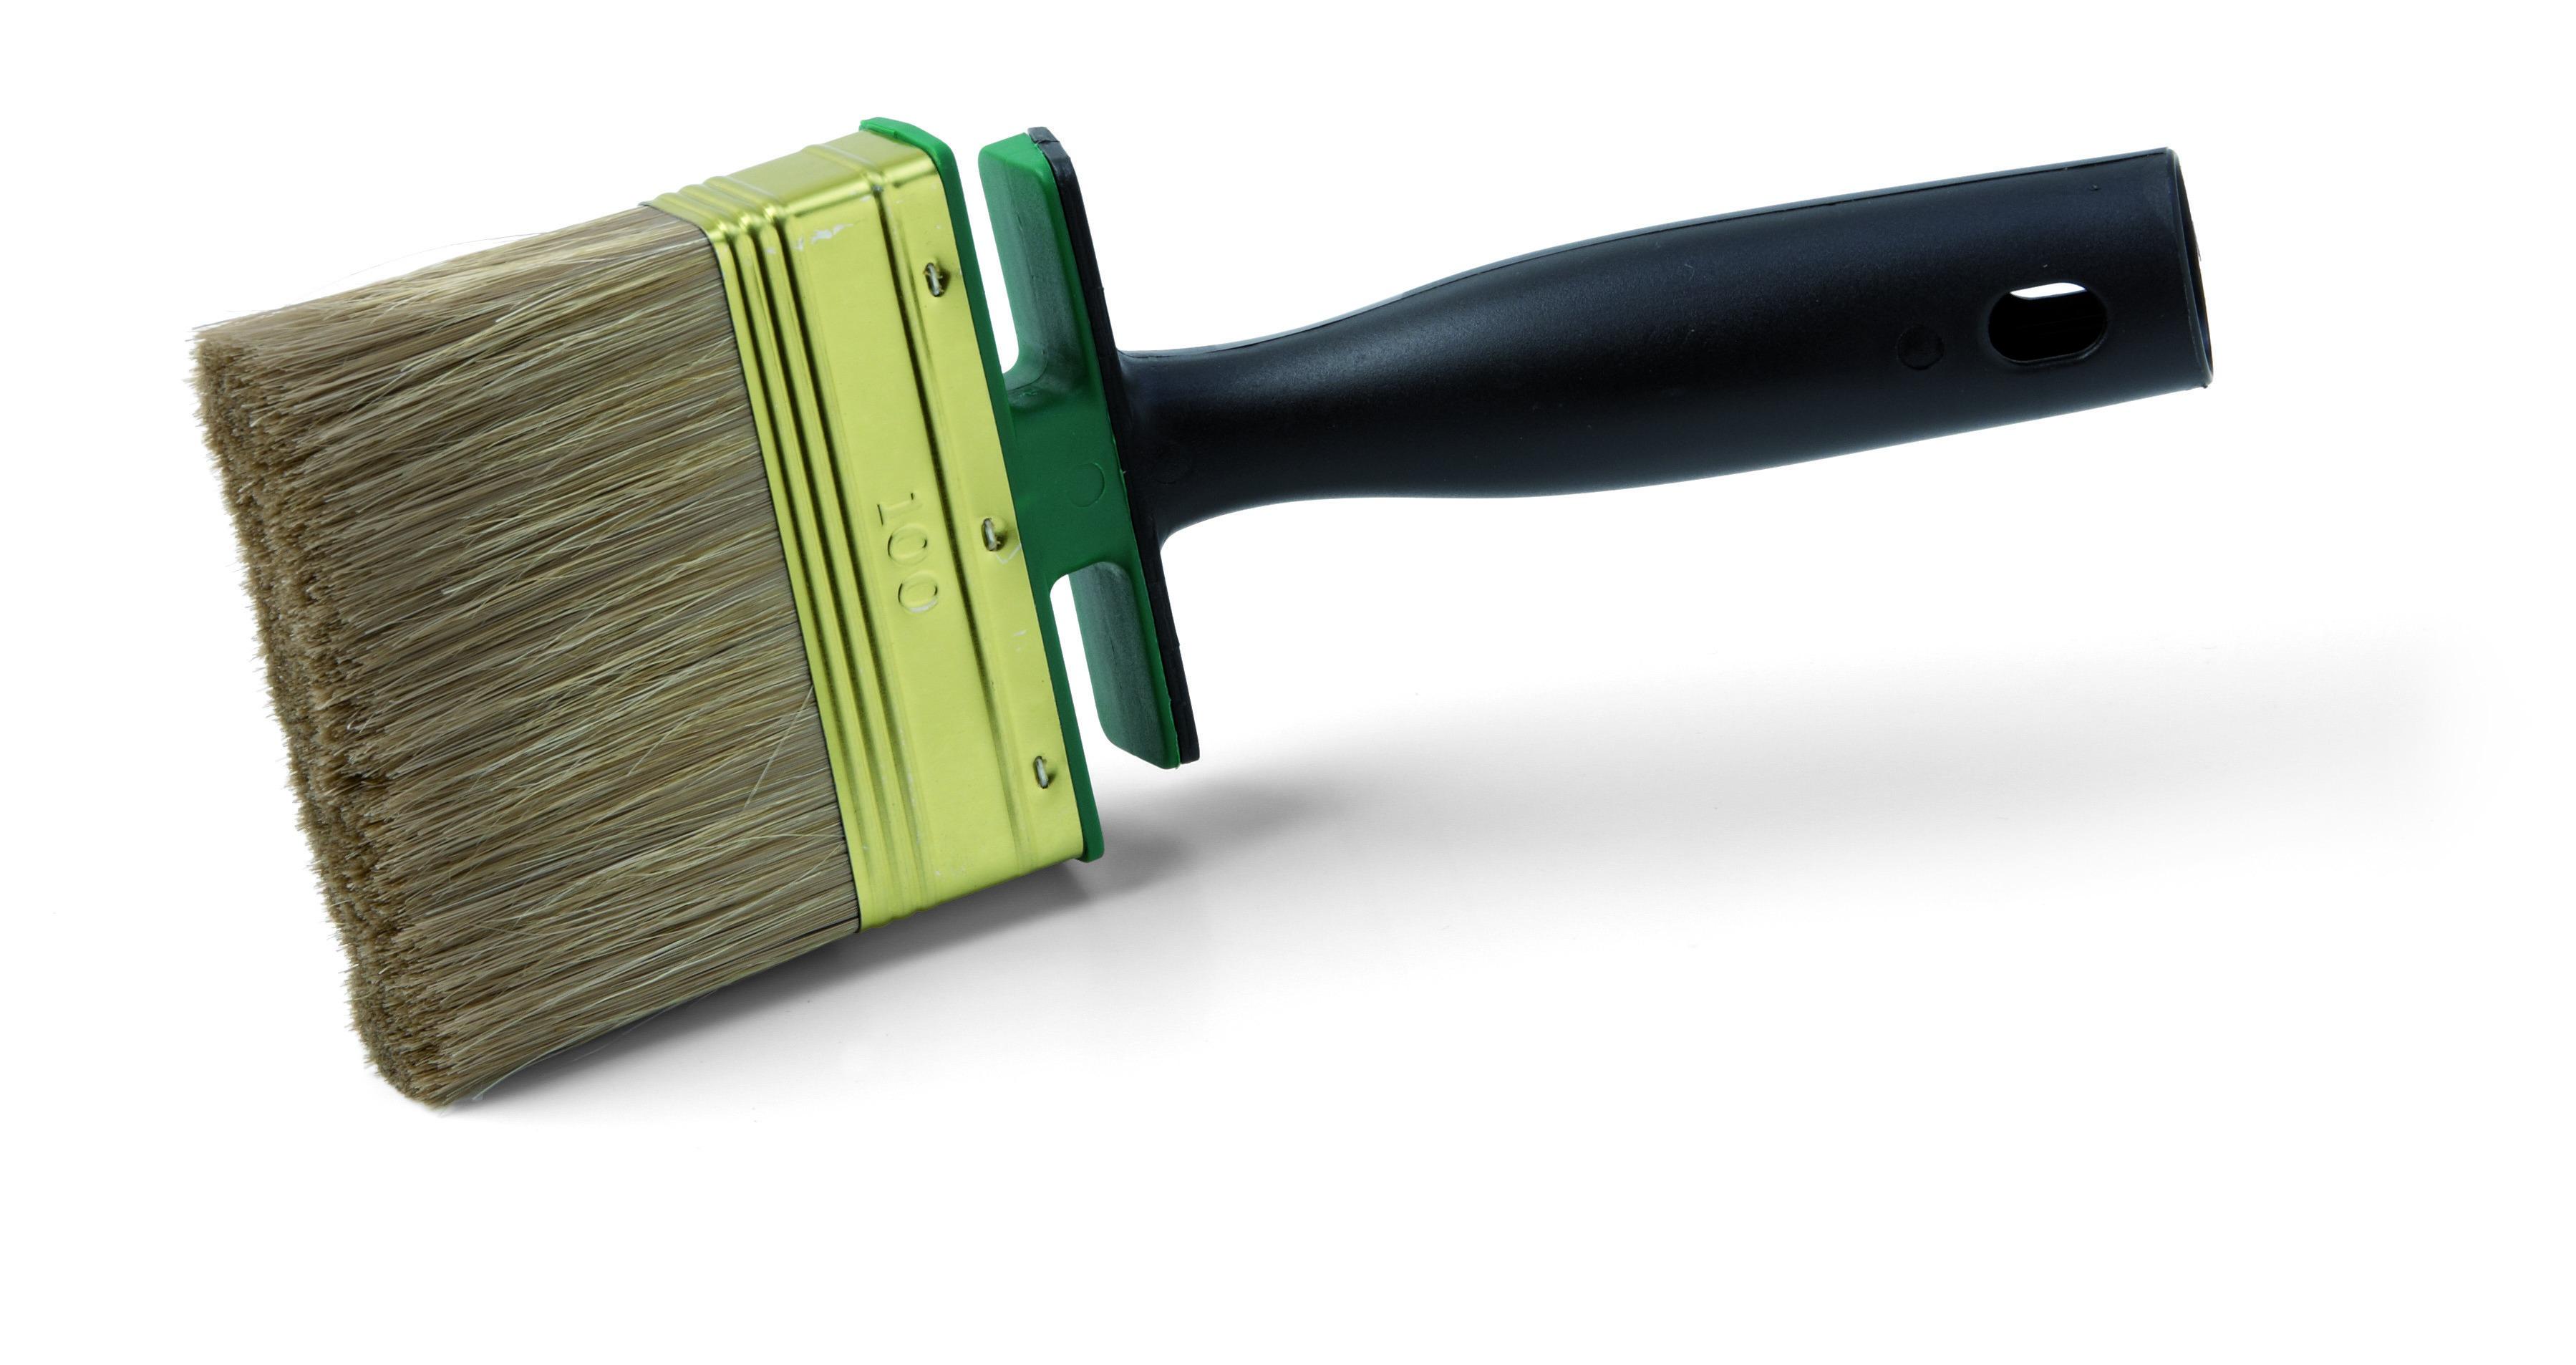 Schuller Eh´klar Timber FS TWIST štetec 100 x 25 x 60 mm